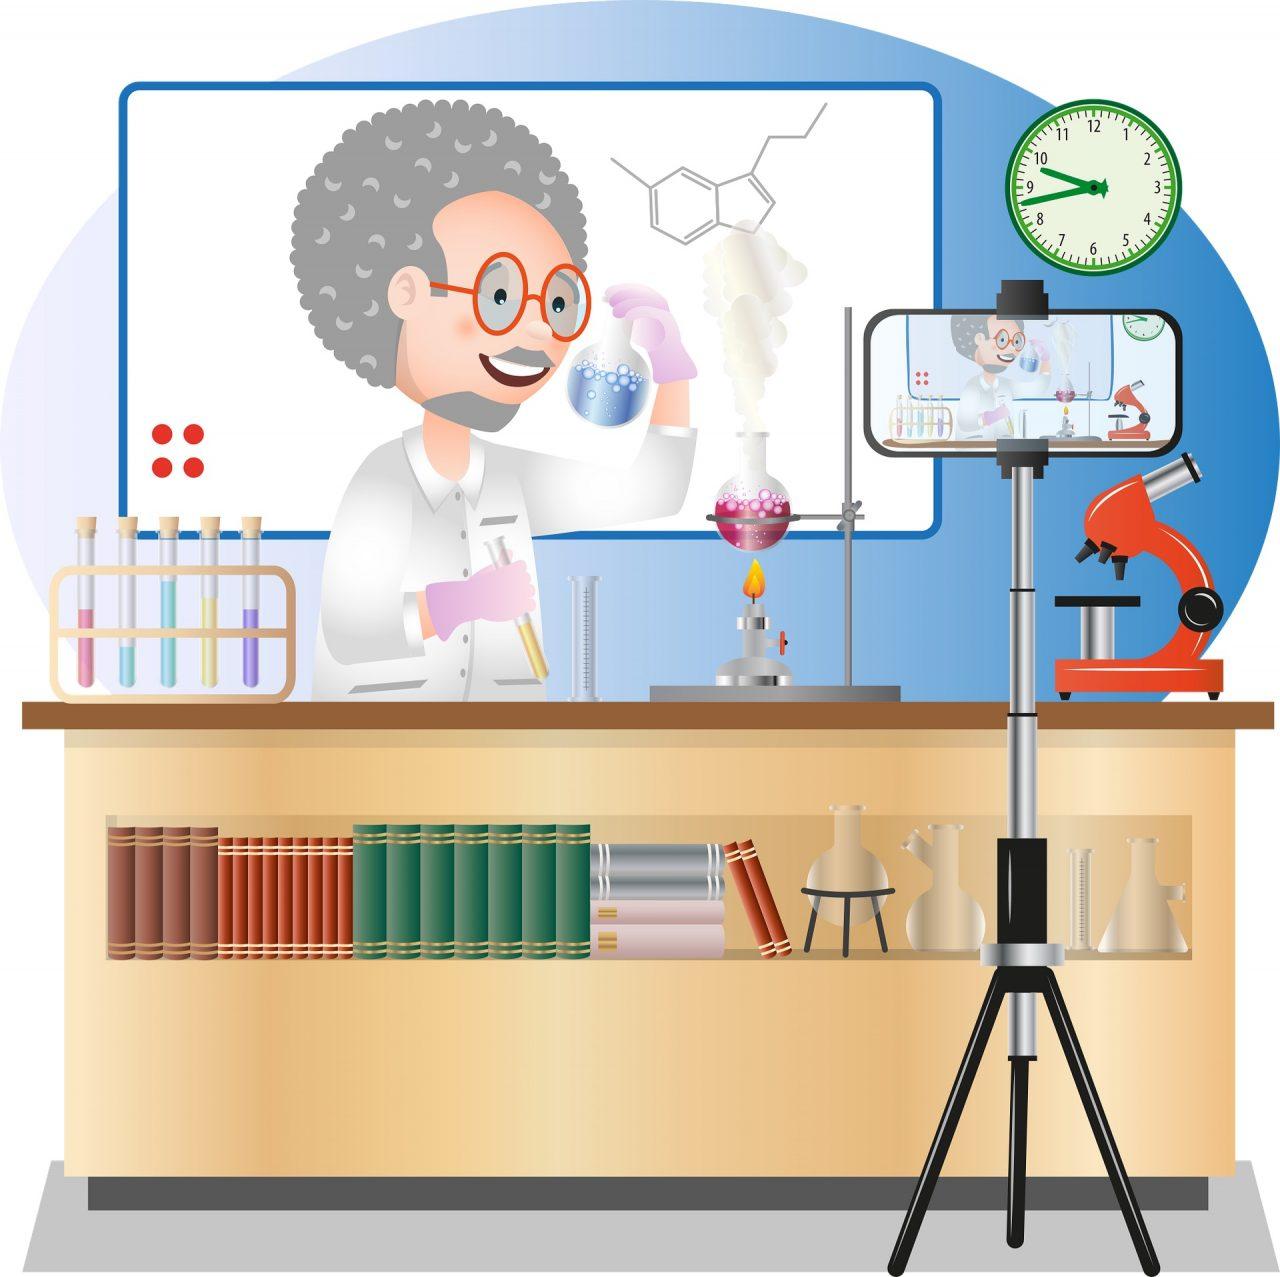 https://educfrance.org/wp-content/uploads/2021/05/chemist-5919765_1920-1280x1277.jpg